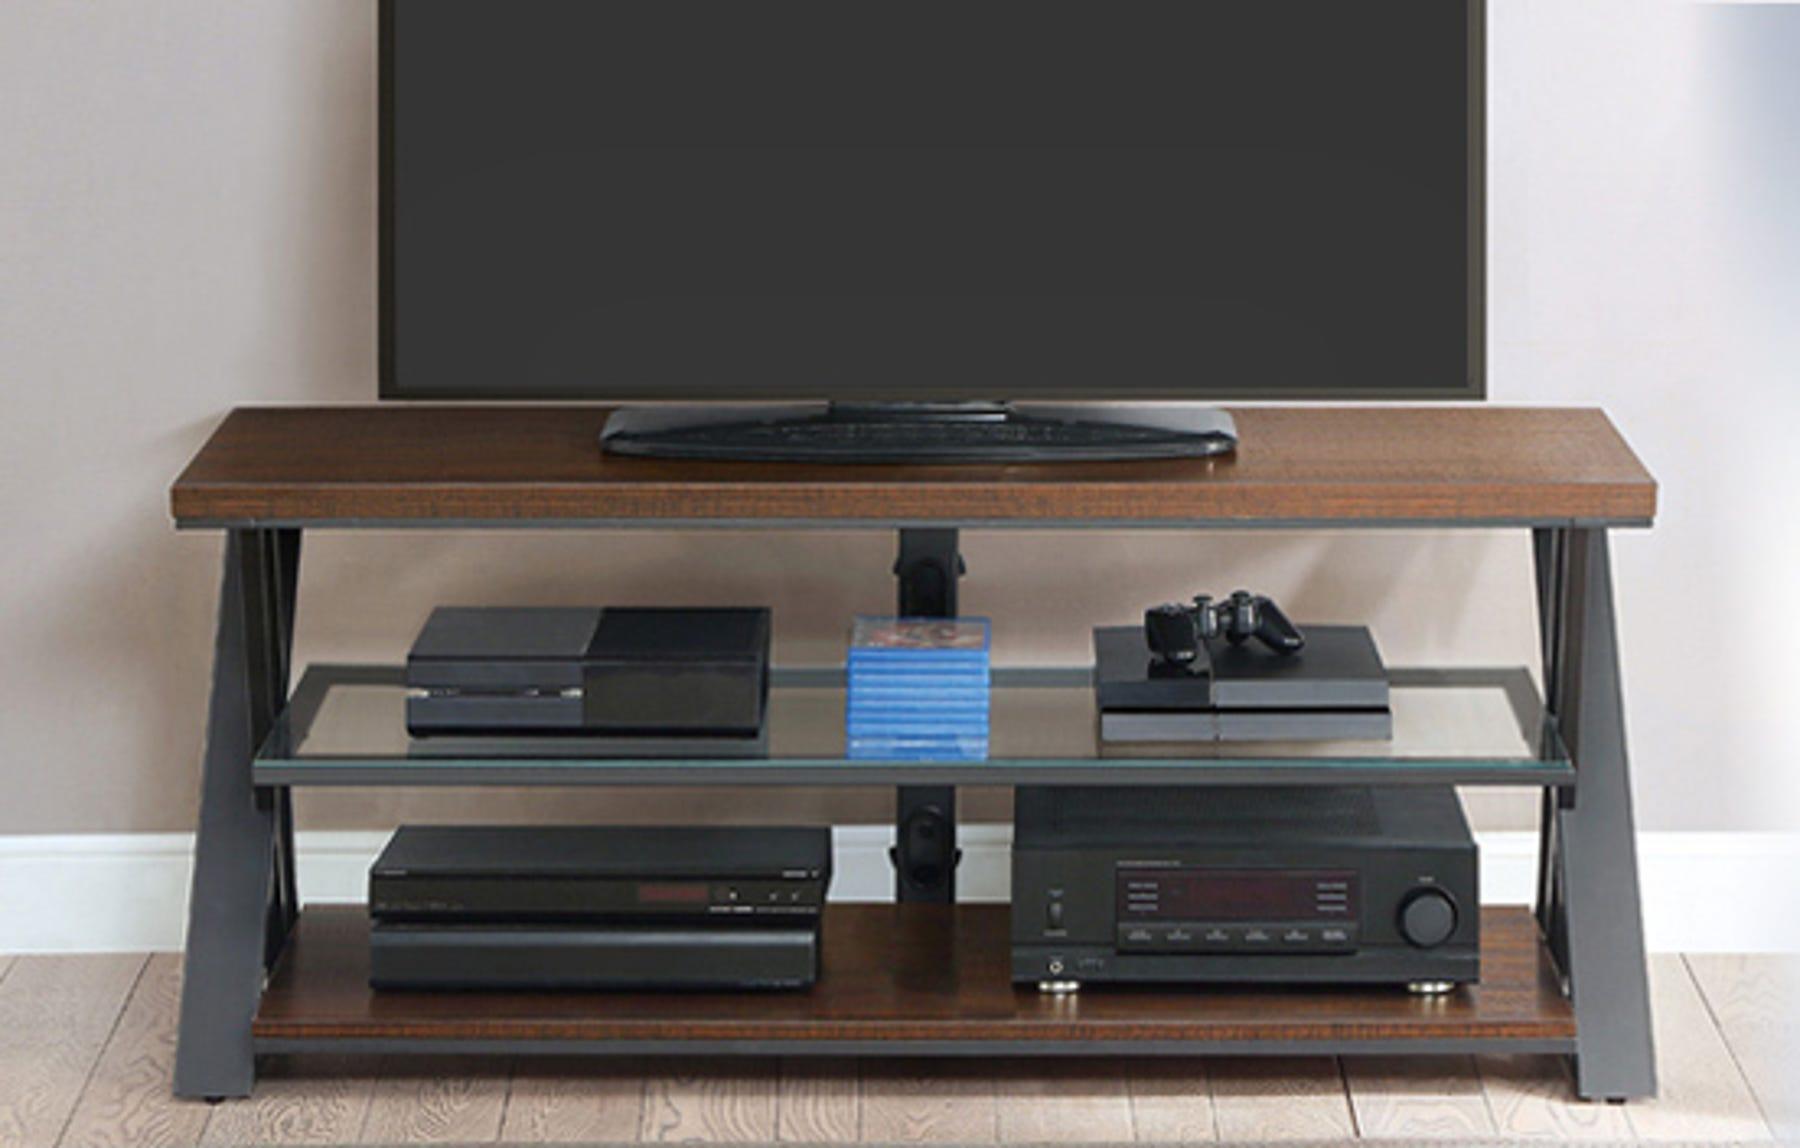 Meuble Tv Pour Coin meubles pour téléviseur : meubles, fixations et supports